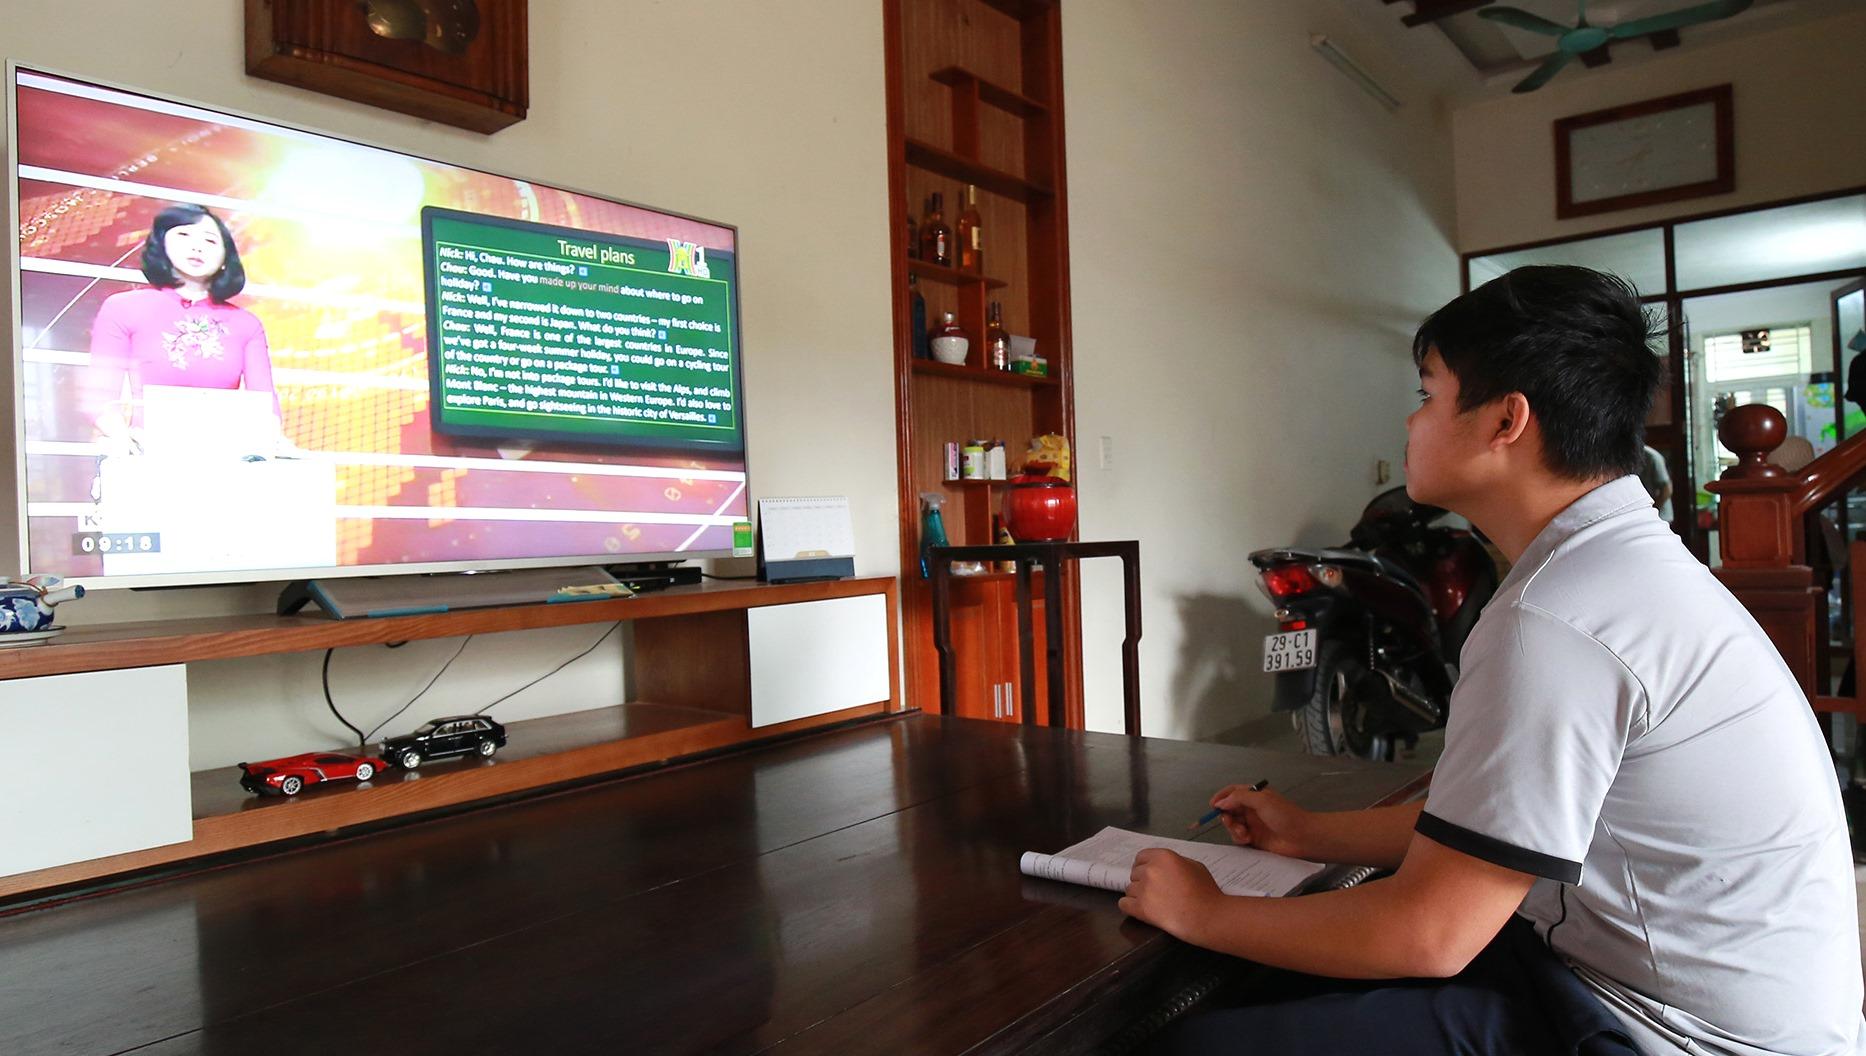 Bộ Giáo dục và Đào tạo tinh giản chương trình, đẩy mạnh dạy học trên truyền hình